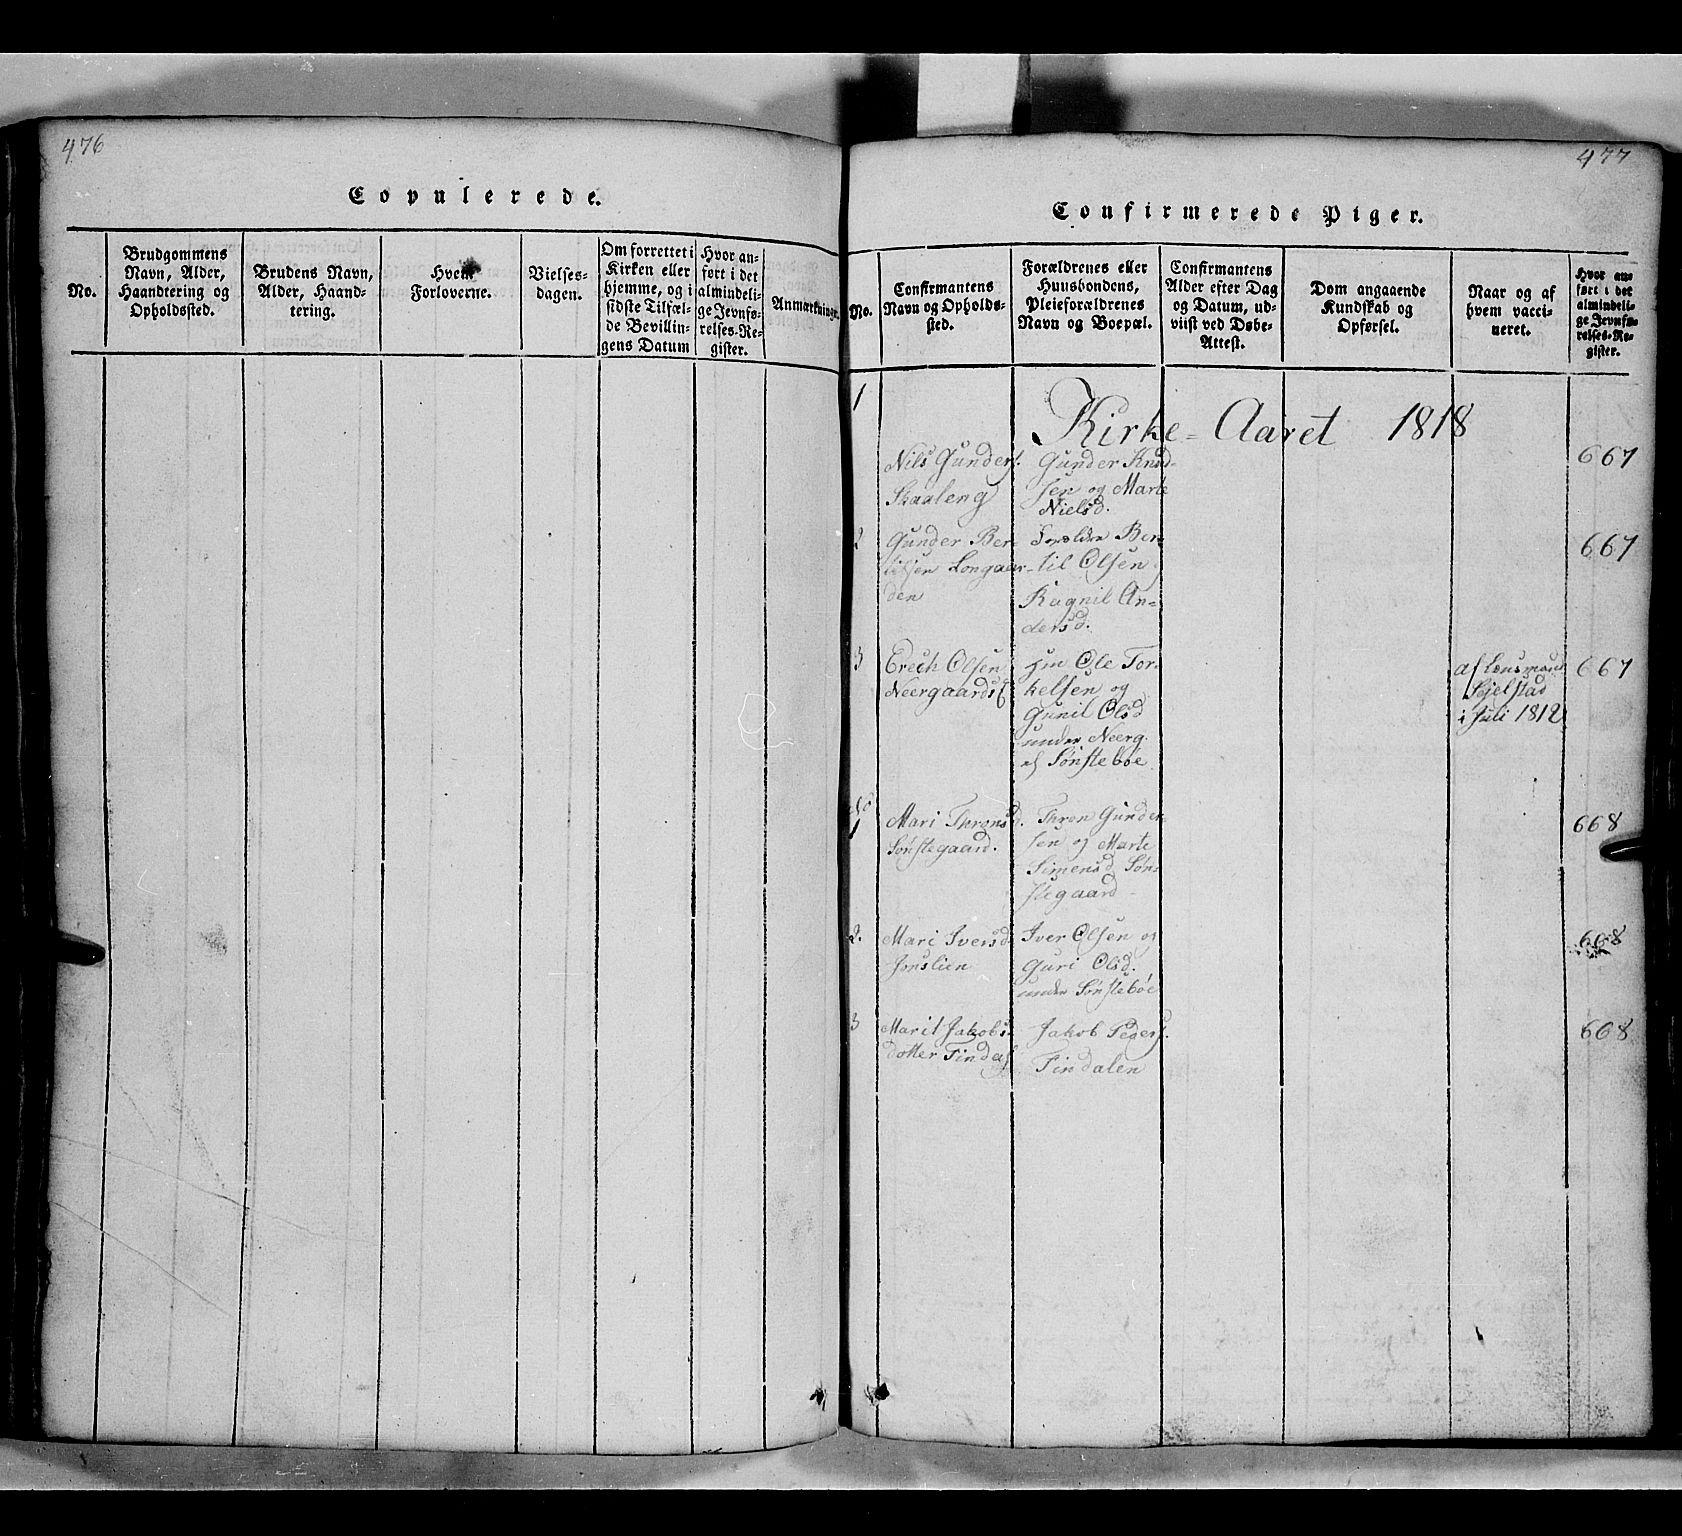 SAH, Gausdal prestekontor, Klokkerbok nr. 2, 1818-1874, s. 476-477